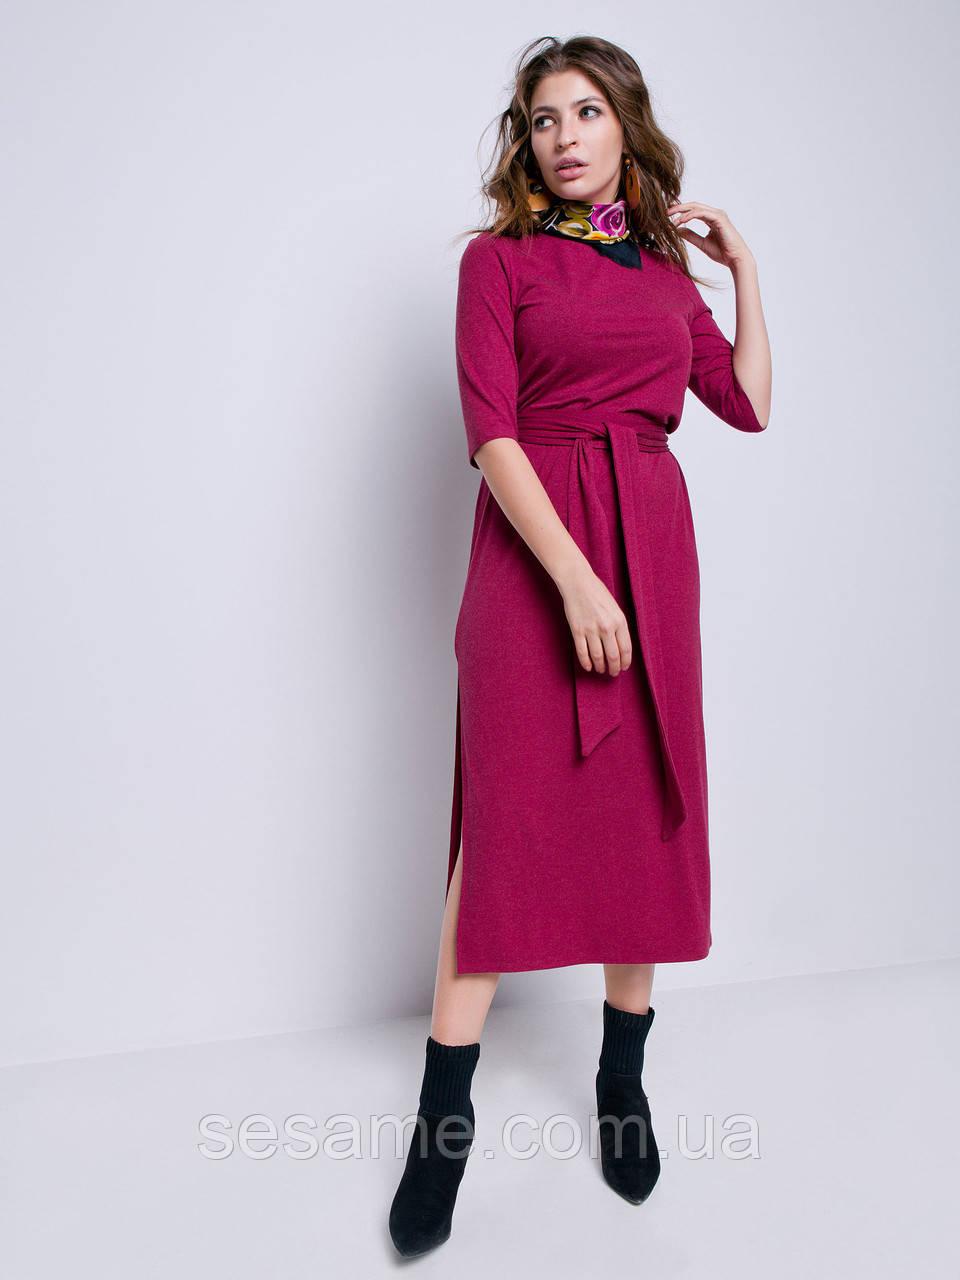 grand ua Карамель платье